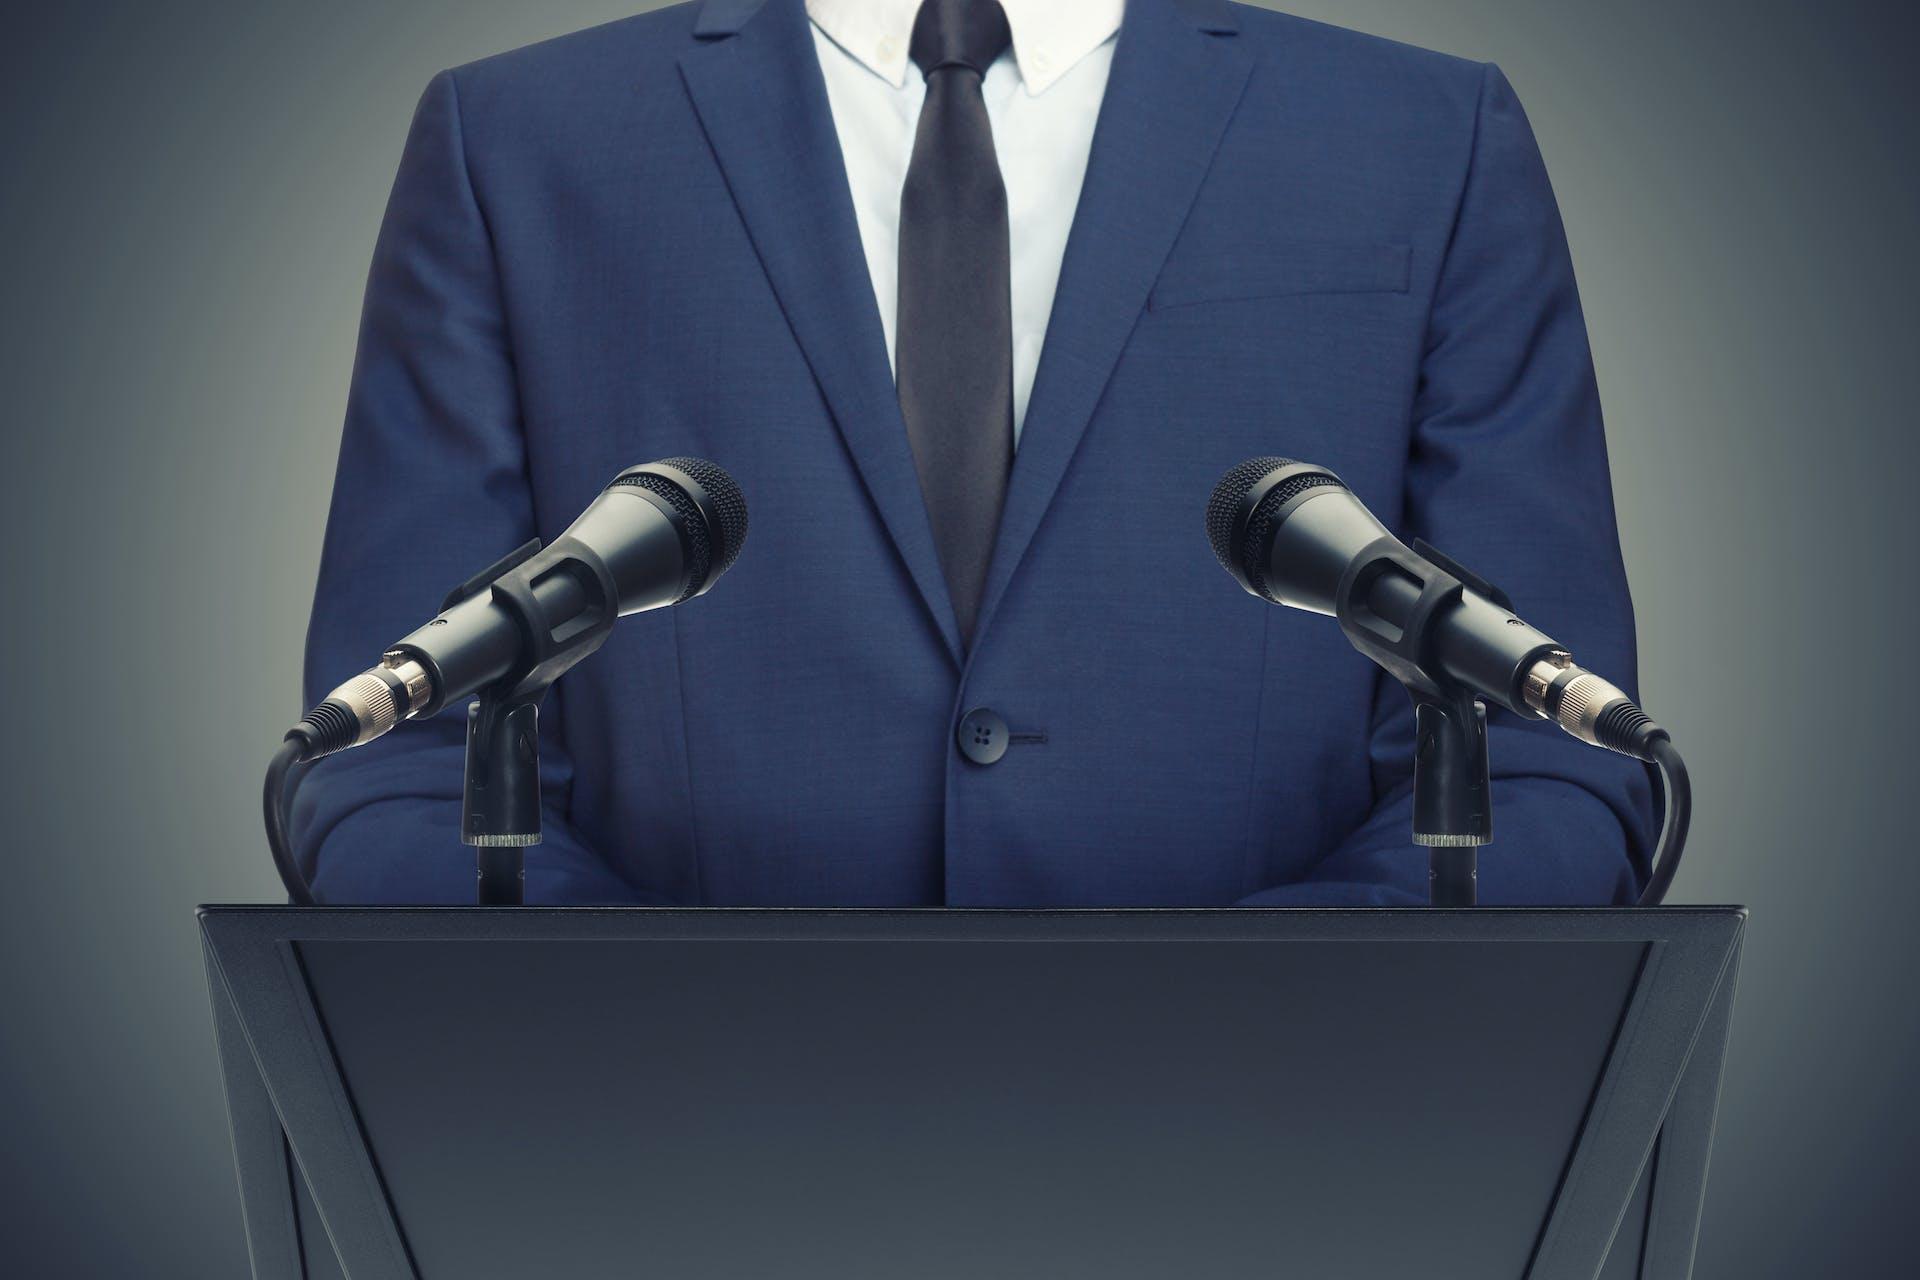 Man sieht ein Bild von einem Mann im Anzug vor einem Podium mit zwei Mikrofonen stehen. Dabei soll es sich um einen Politiker handeln. Dieses Bild ist das Titelbild unseres Beitrags zum Thema wie Social Media die Politik beeinflusst.